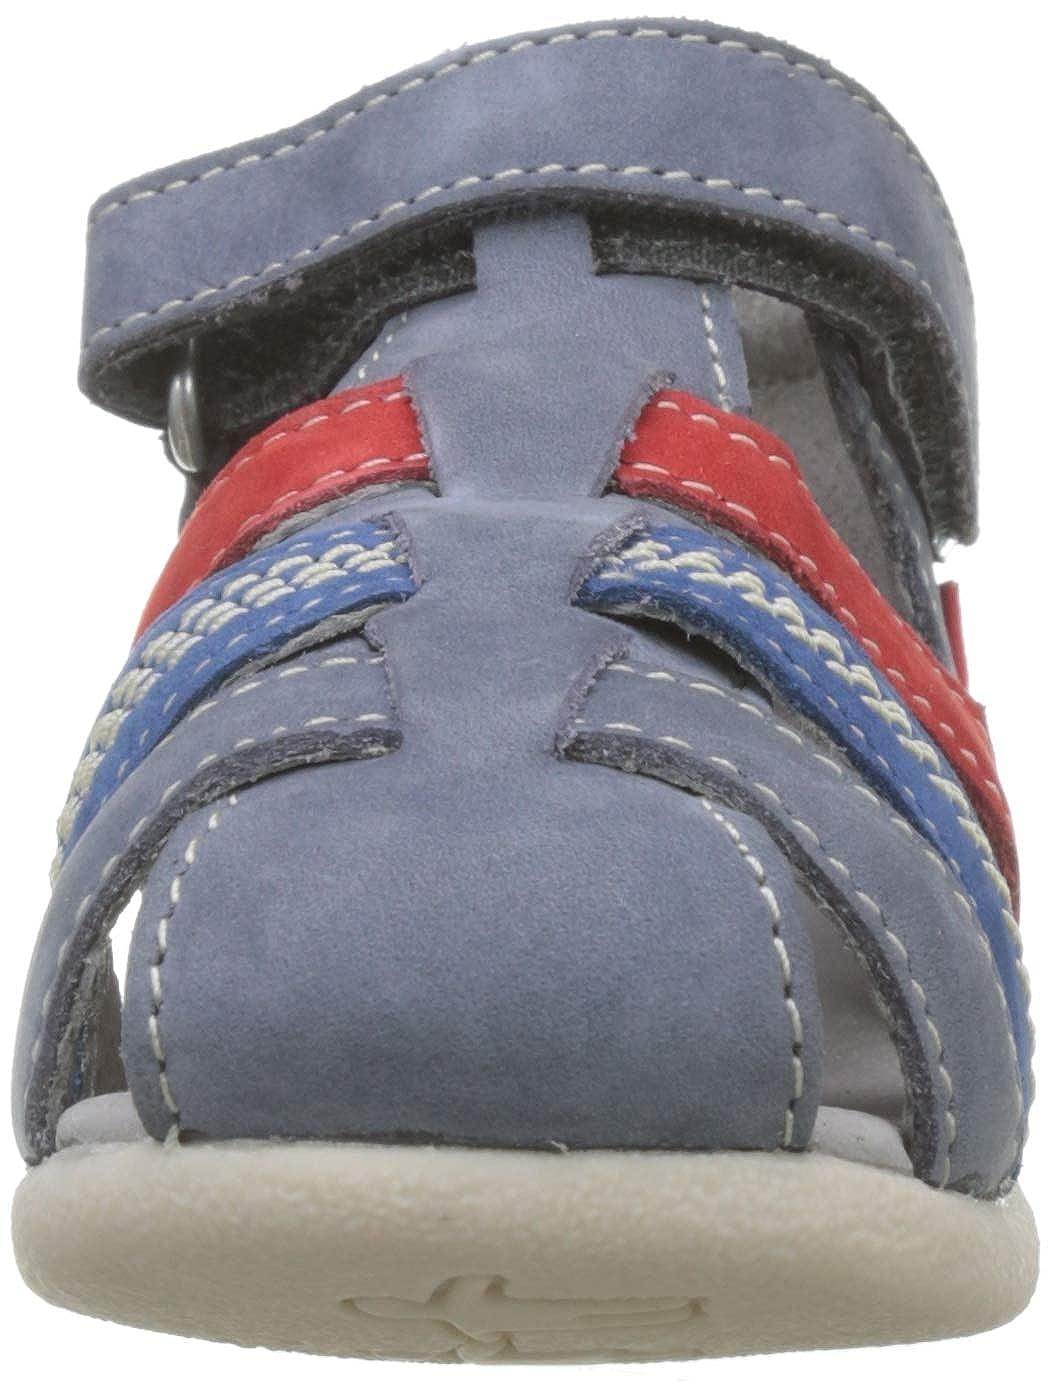 Enfant Chaussures 80xkpnwo Mixte Et Sacs Fille Kickers Salomés Babysun pSzMVqU